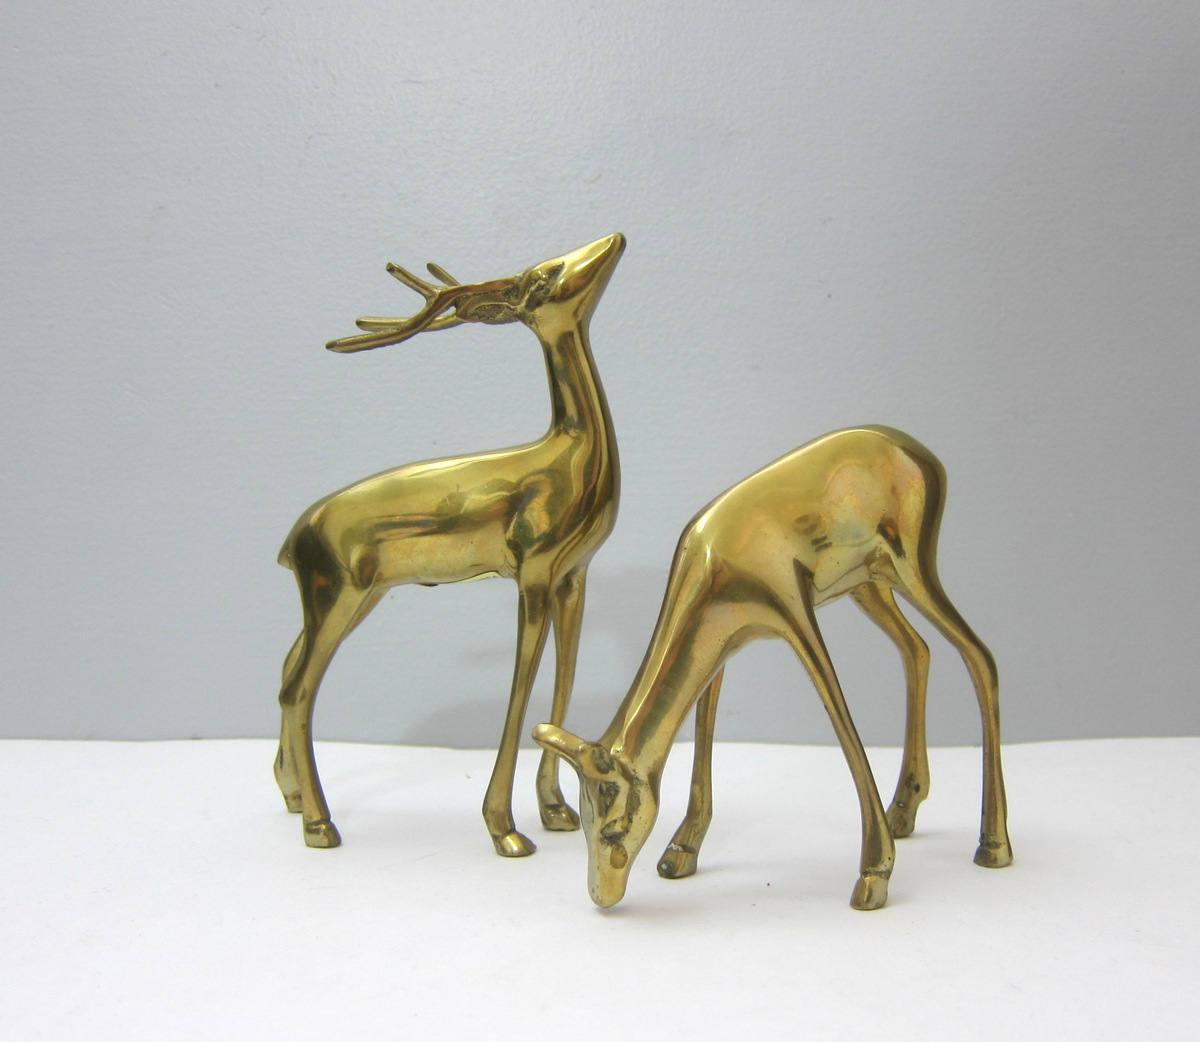 2 Brass Deer Pair Of Vintage Reindeer Figurines Two Gold